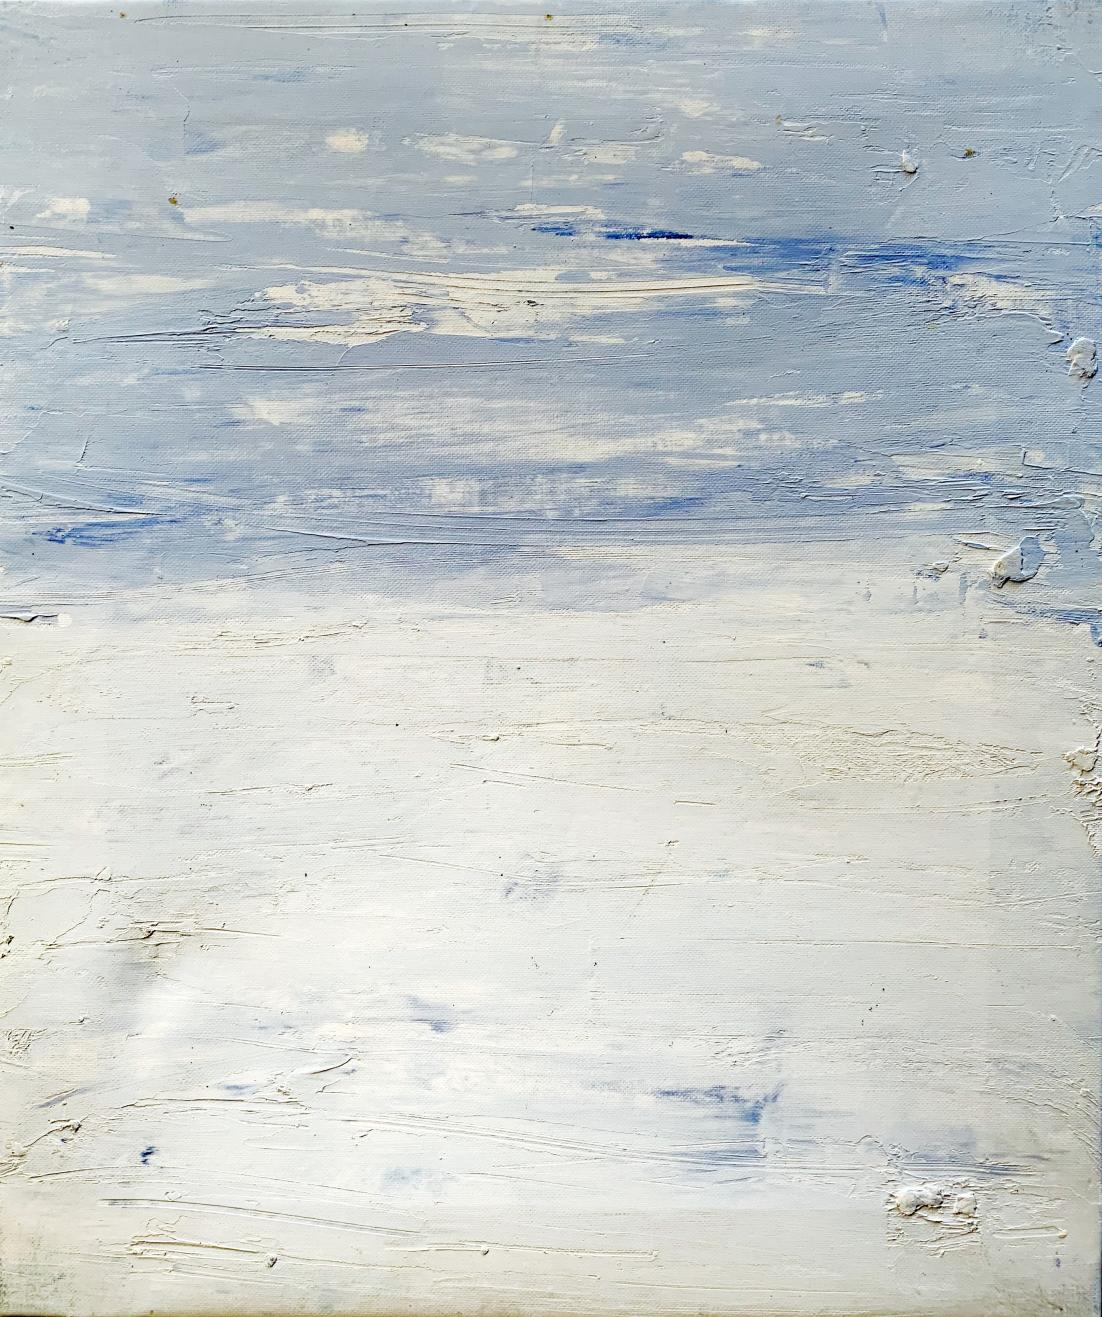 SEA, 6 series (2009) - Lou Jimenez